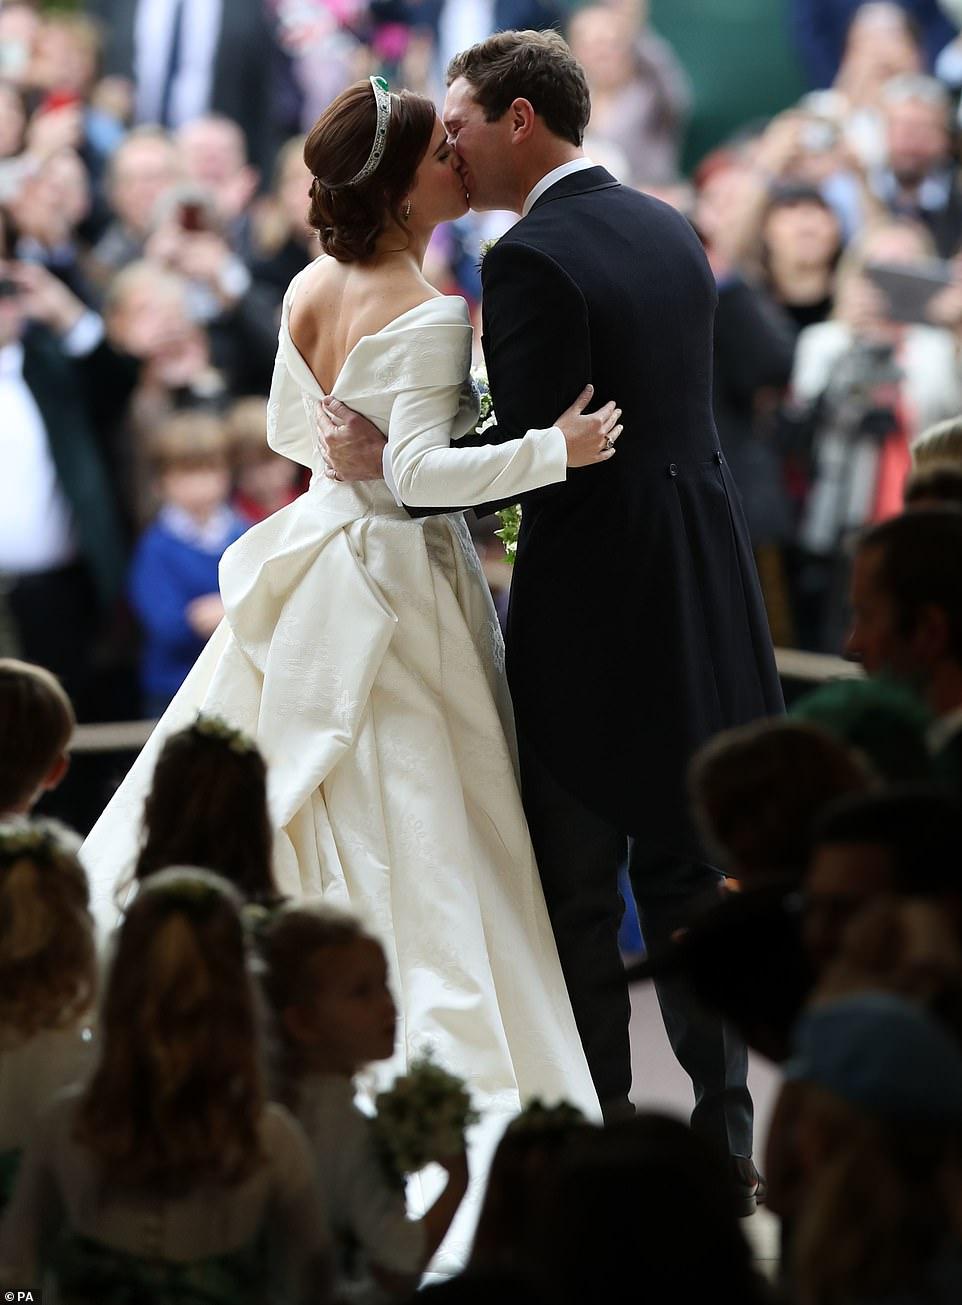 ვარსკვლავთცვენა პრინცესა იუჯინის და ჯეკ ბრუკსბენკის სამეფო ქორწილში (ფოტო)